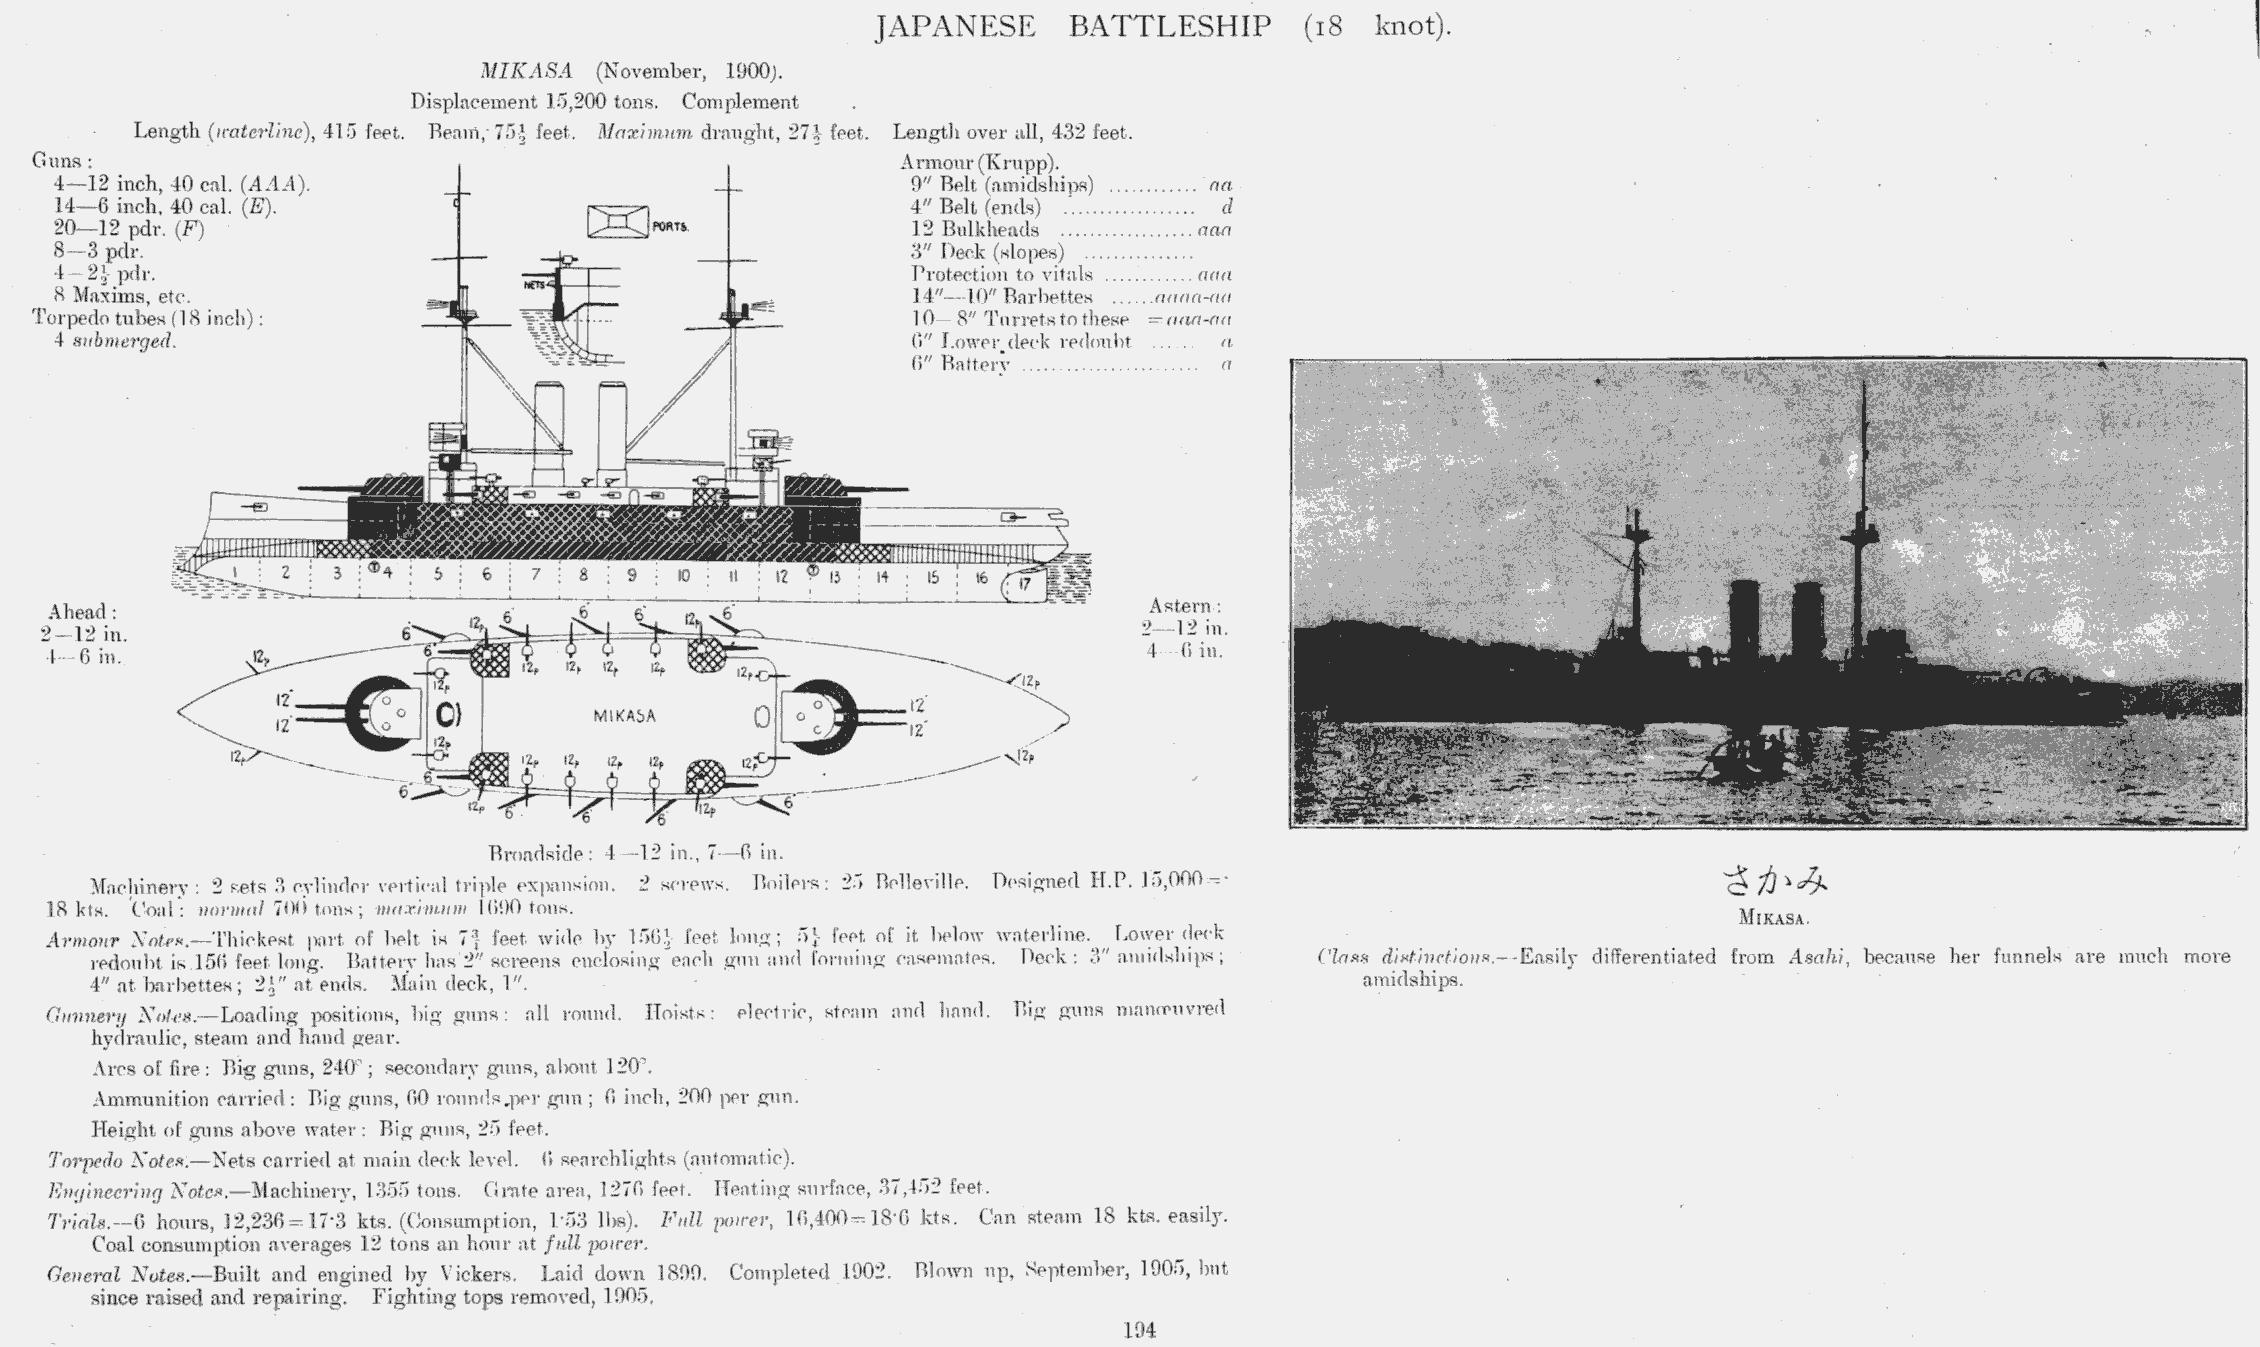 Battleship_Mikasa_from_JFS1906.png